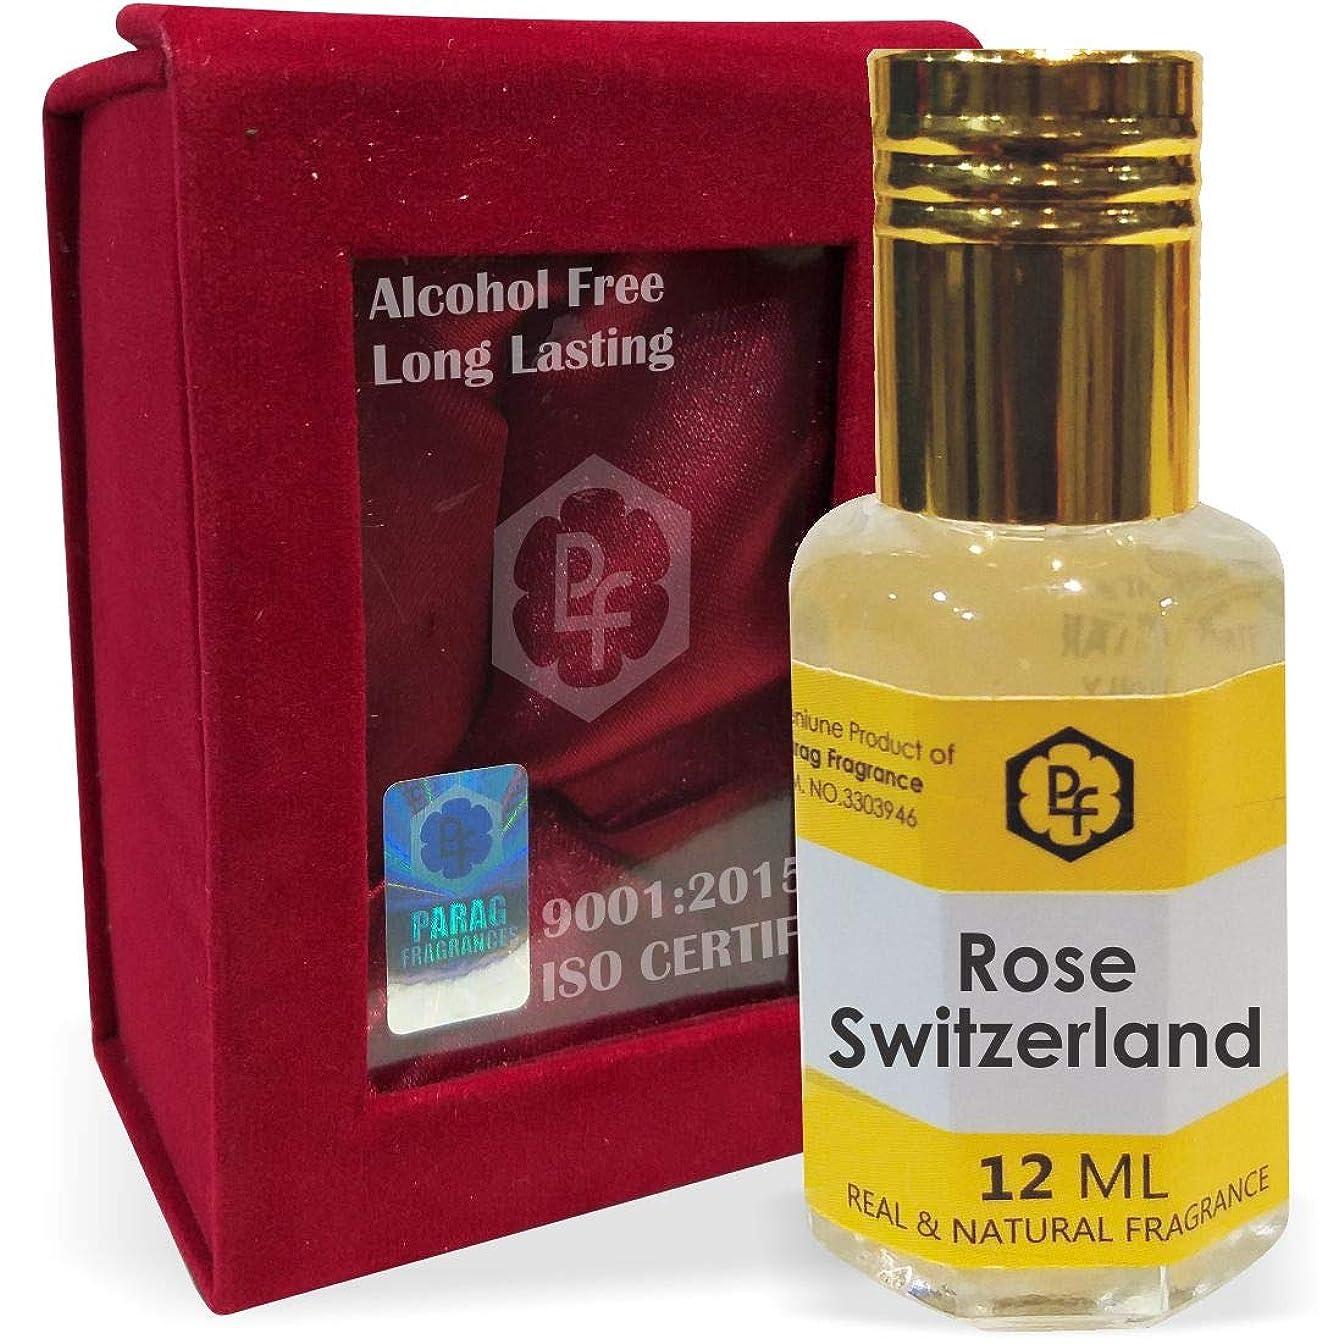 伝染性の不名誉水銀のParagフレグランスローズスイスの12ミリリットル手作りベルベットボックスアター/香水(インドの伝統的なBhapka処理方法により、インド製)オイル/フレグランスオイル|長持ちアターITRA最高の品質